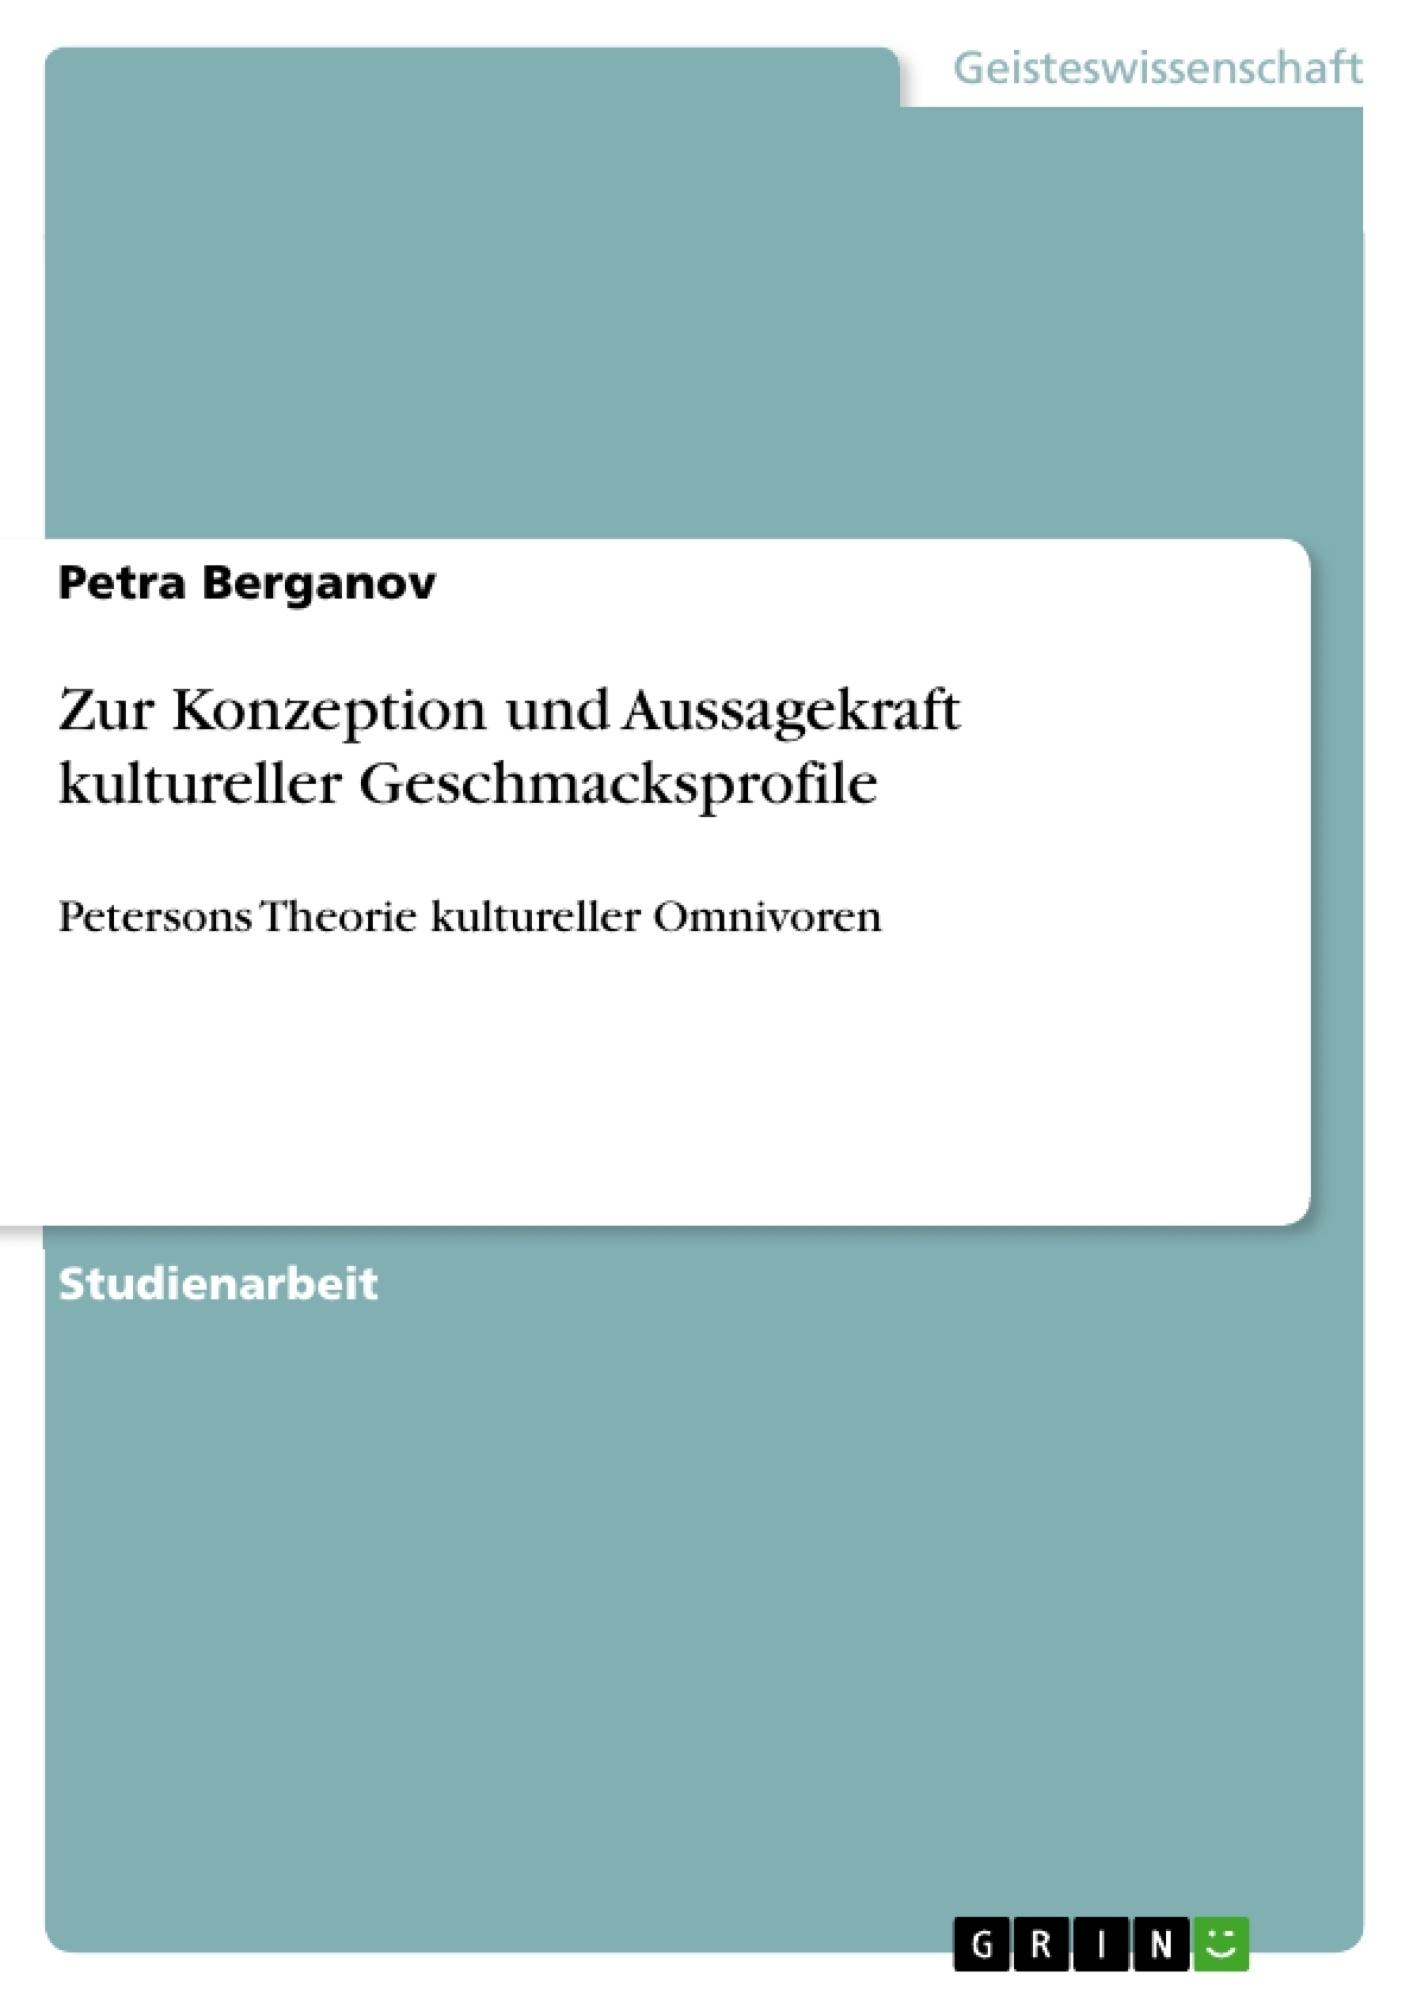 Titel: Zur Konzeption und Aussagekraft kultureller Geschmacksprofile